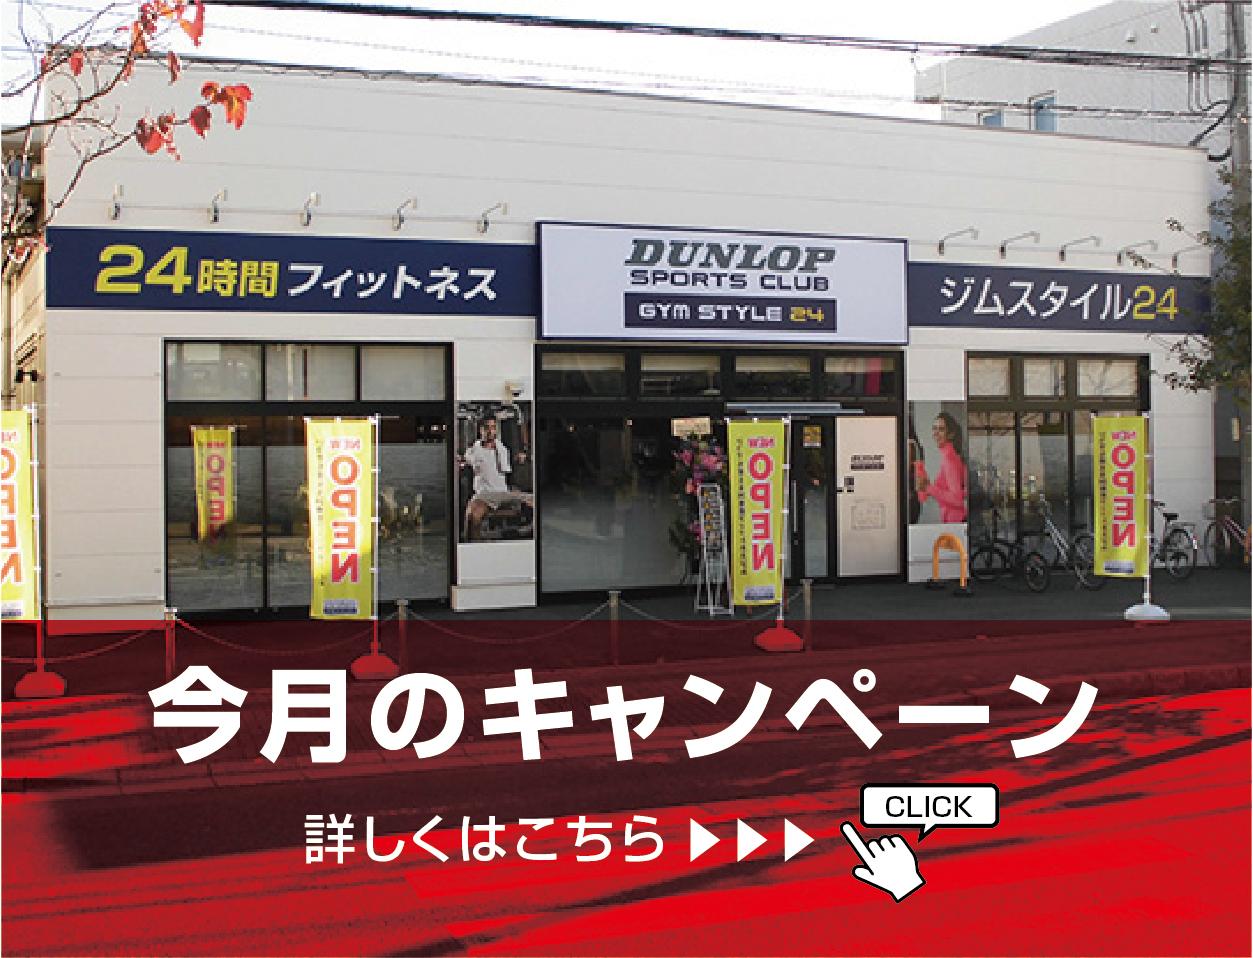 ジムスタイル24妙典